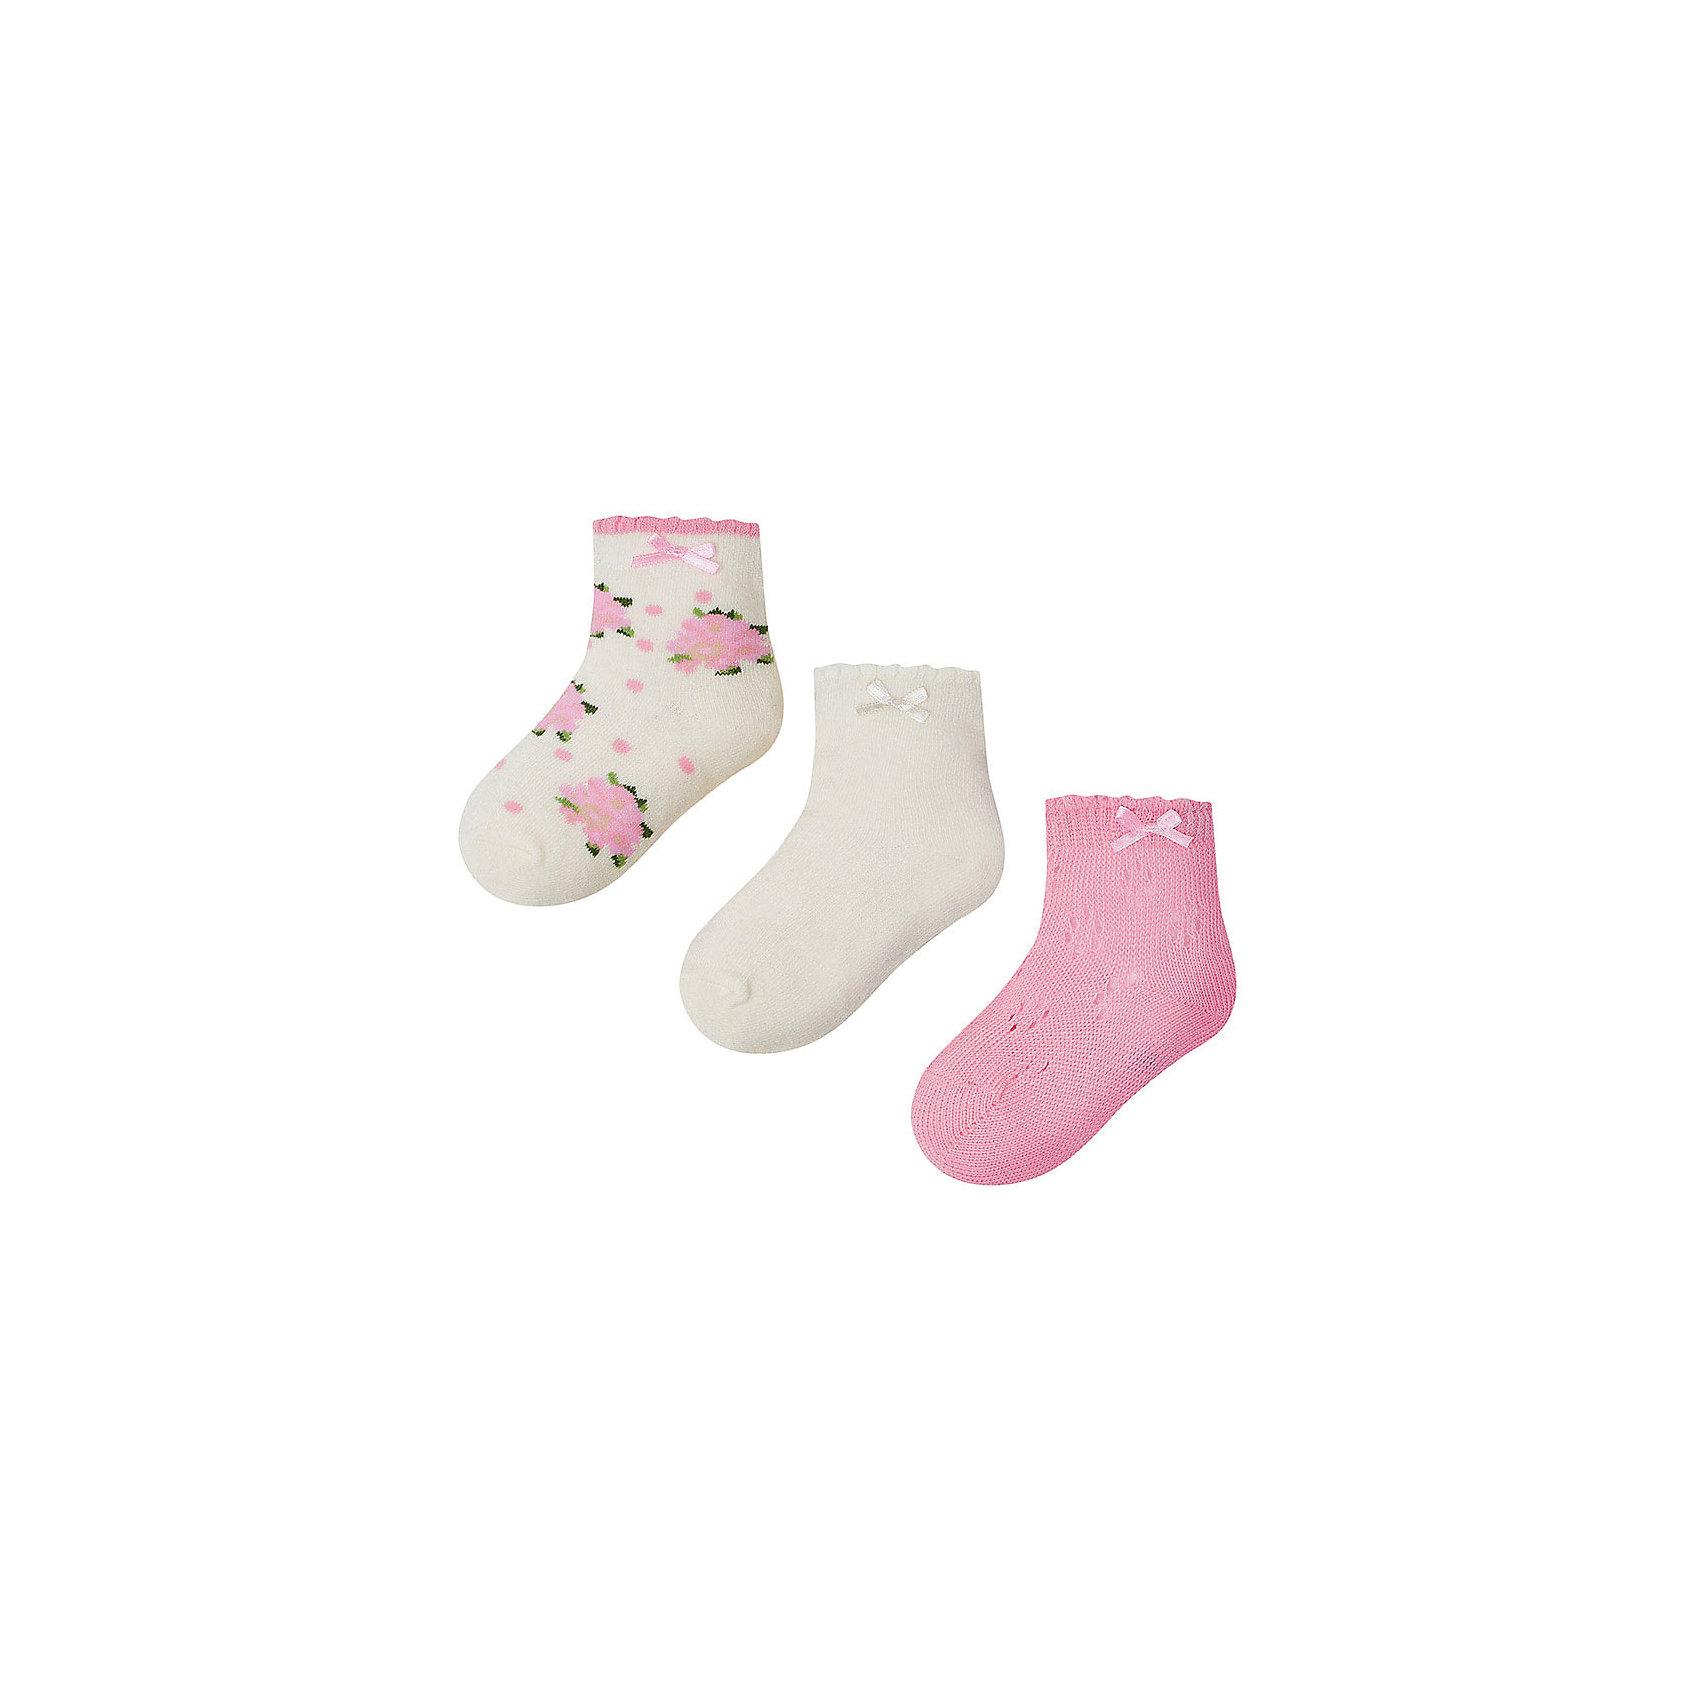 Mayoral Носки для девочки, 3 пары Mayoral носки minecraft socks 3 pack green зеленые s 3 пары 11750